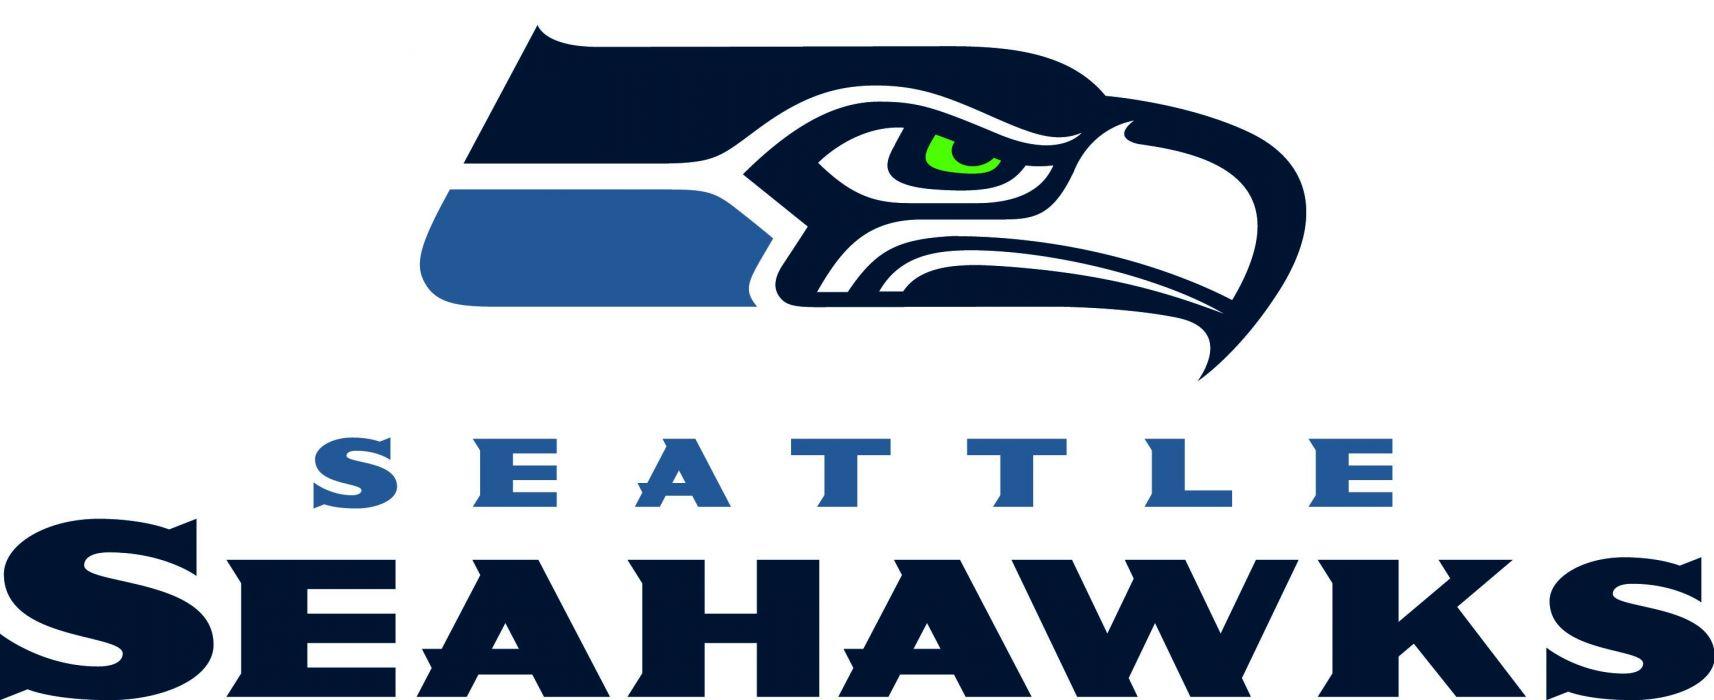 SEATTLE SEAHAWKS nfl football (7) wallpaper